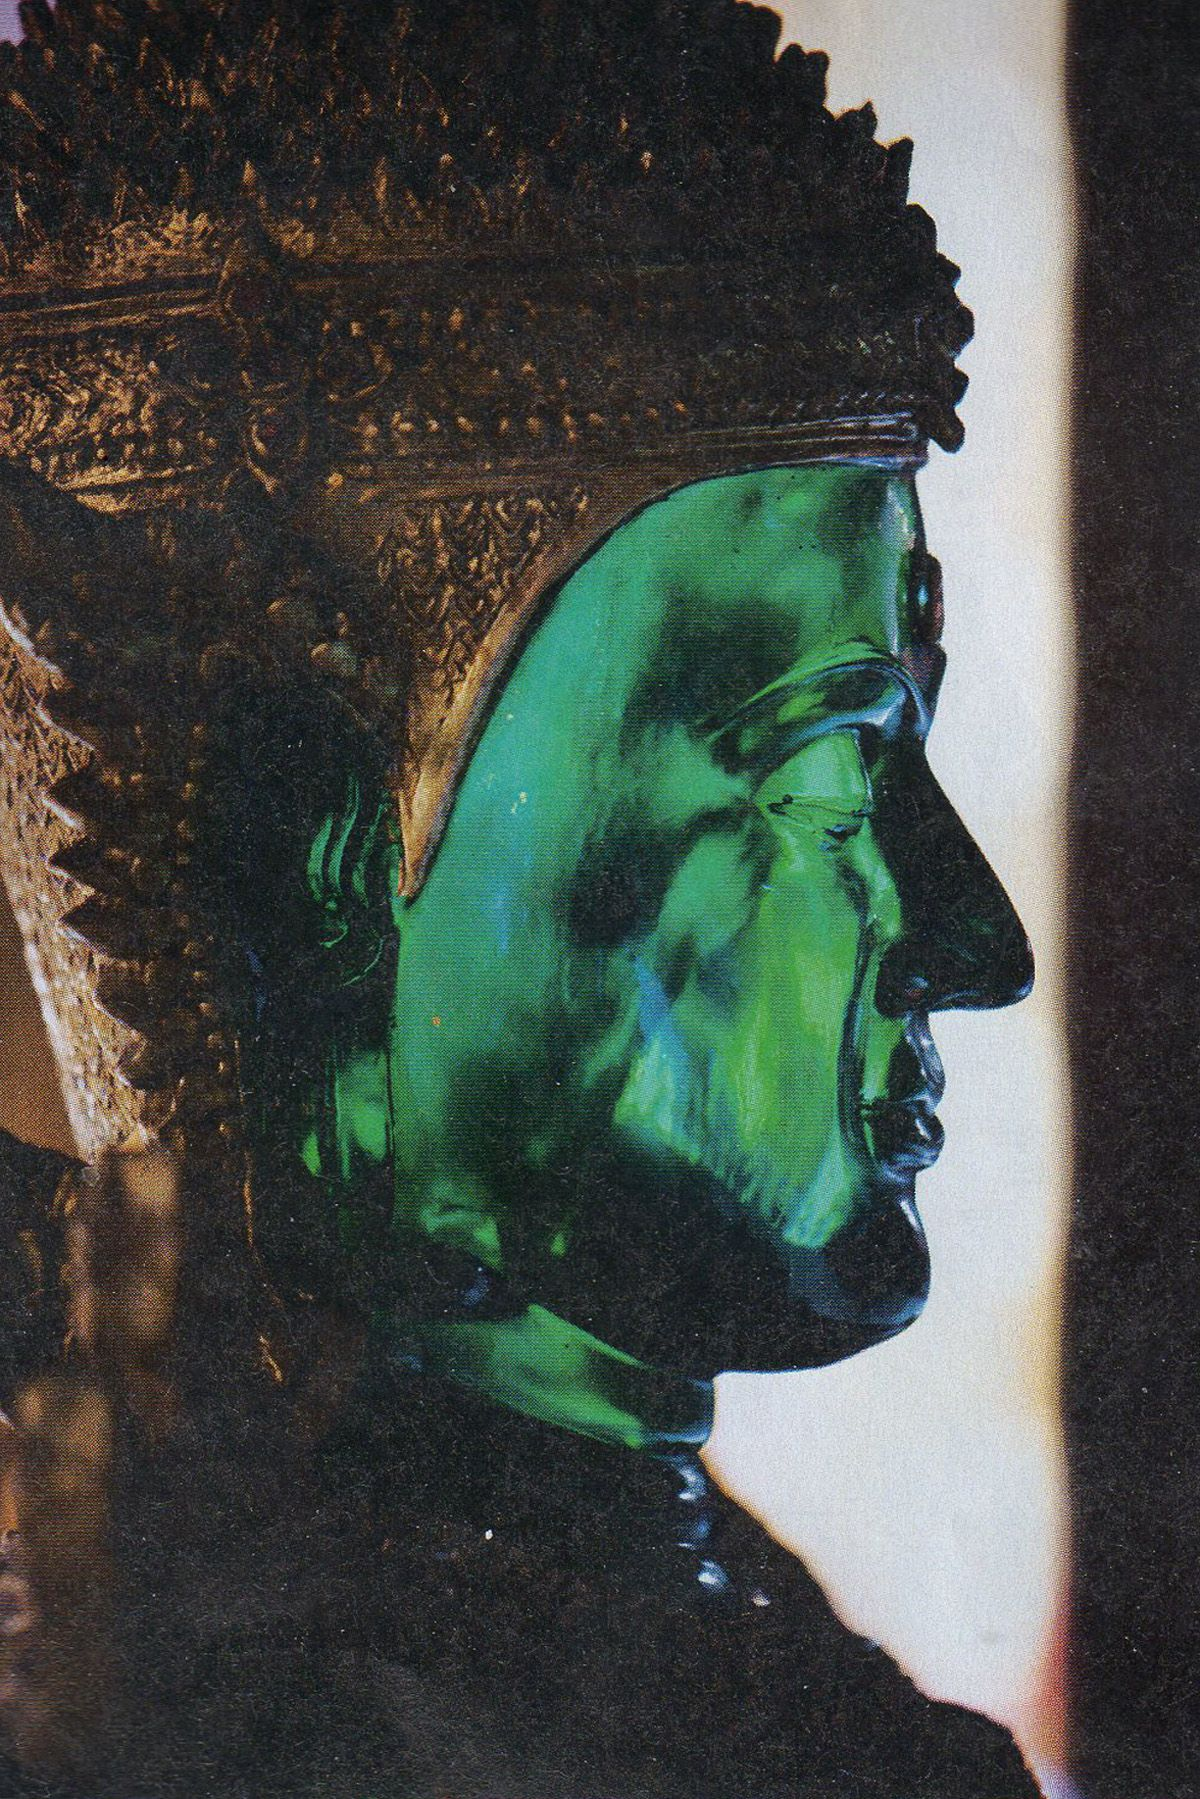 Emerald Buddha statue in Bangkoks Wat Phra Kaeo.